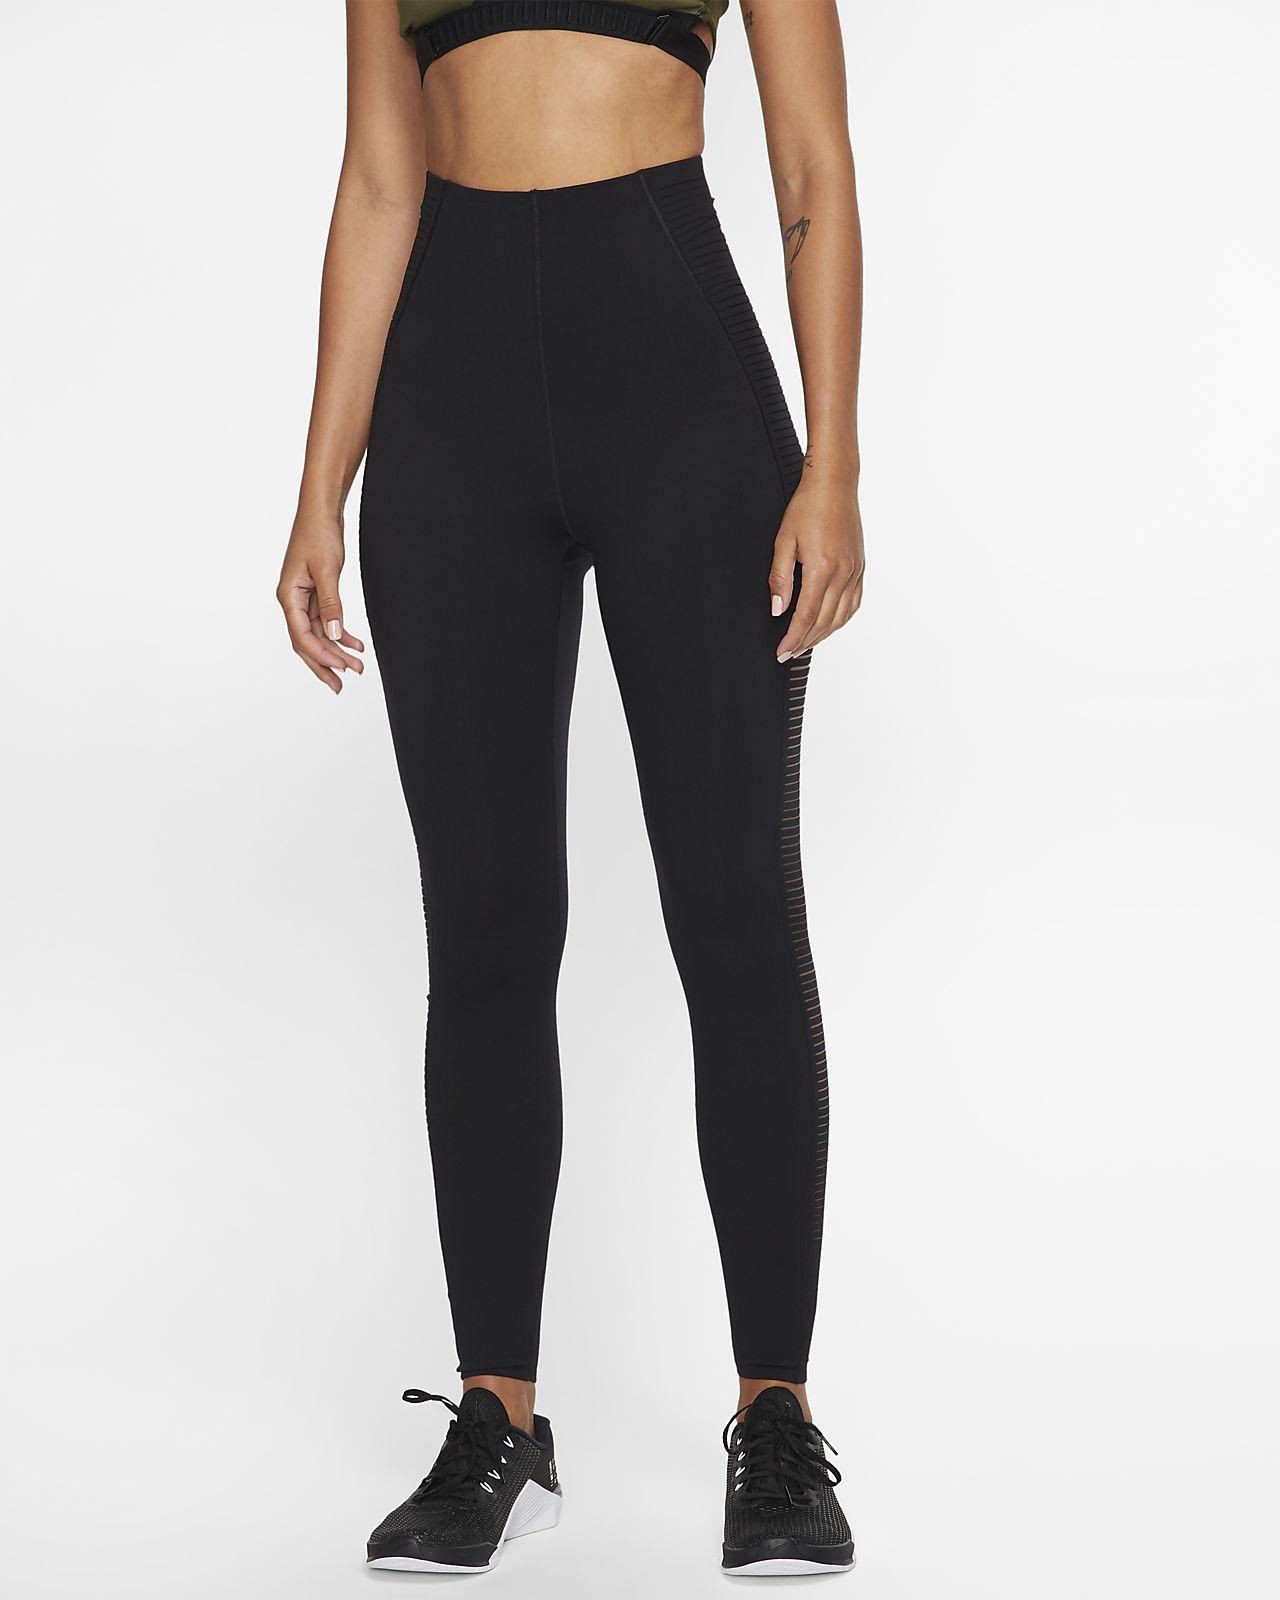 Женские тайтсы для тренинга с прорезями Nike